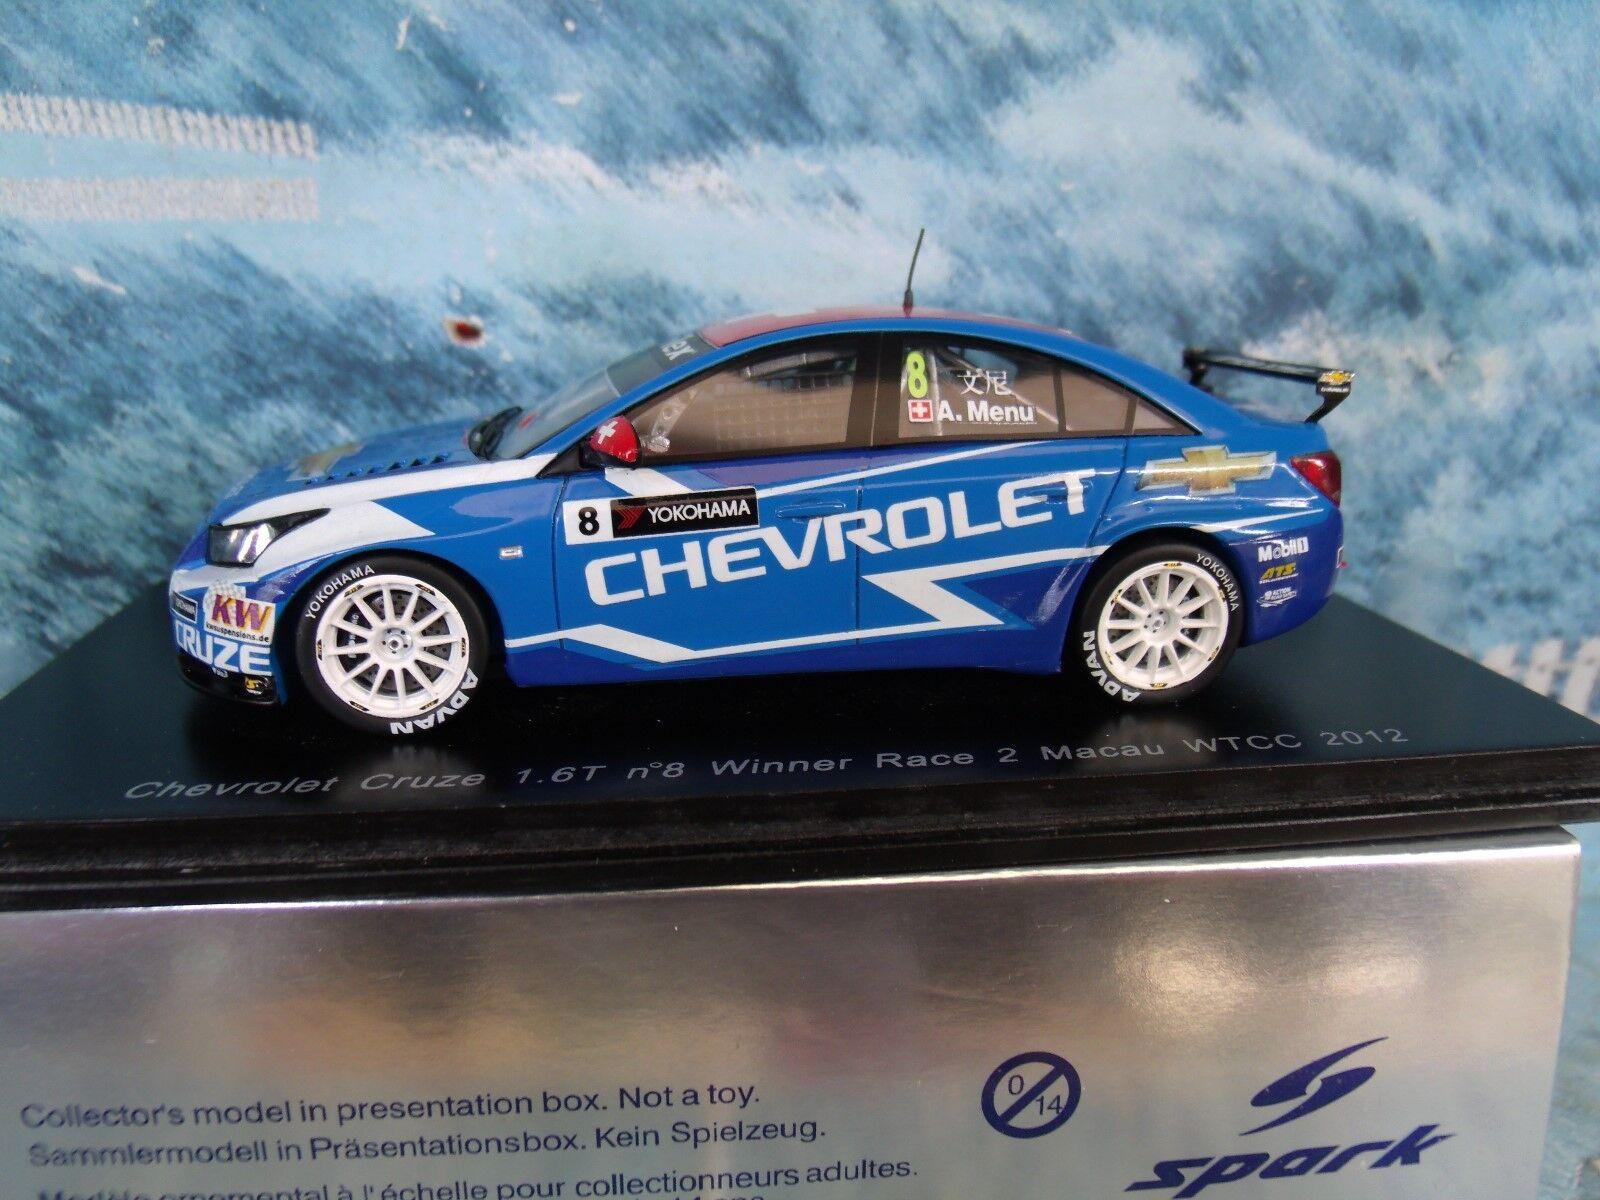 1 43 Spark Chevrolet CRUZE 1.6 T Voiture  8 WTCC 2012 Winner Race 2 Alain Menu S2496